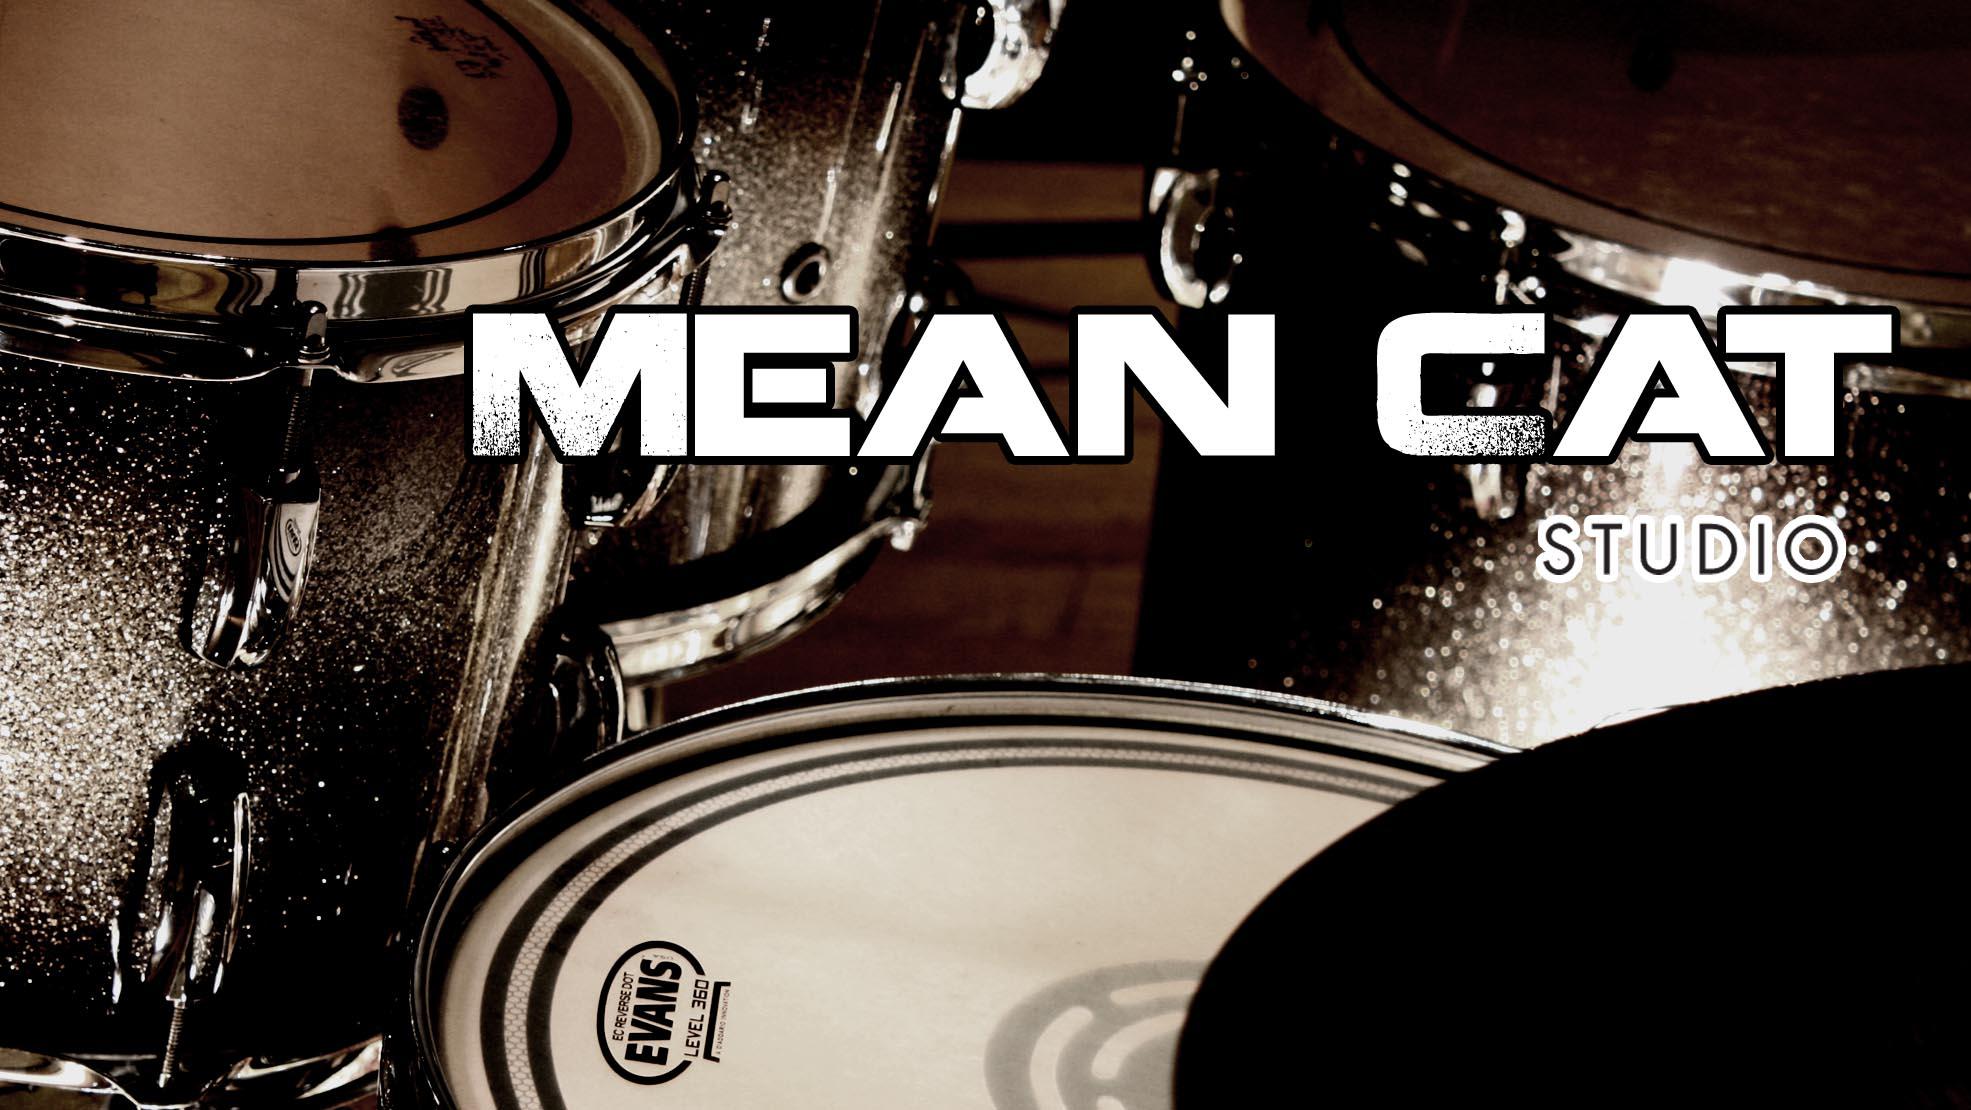 Mean Cat Studio